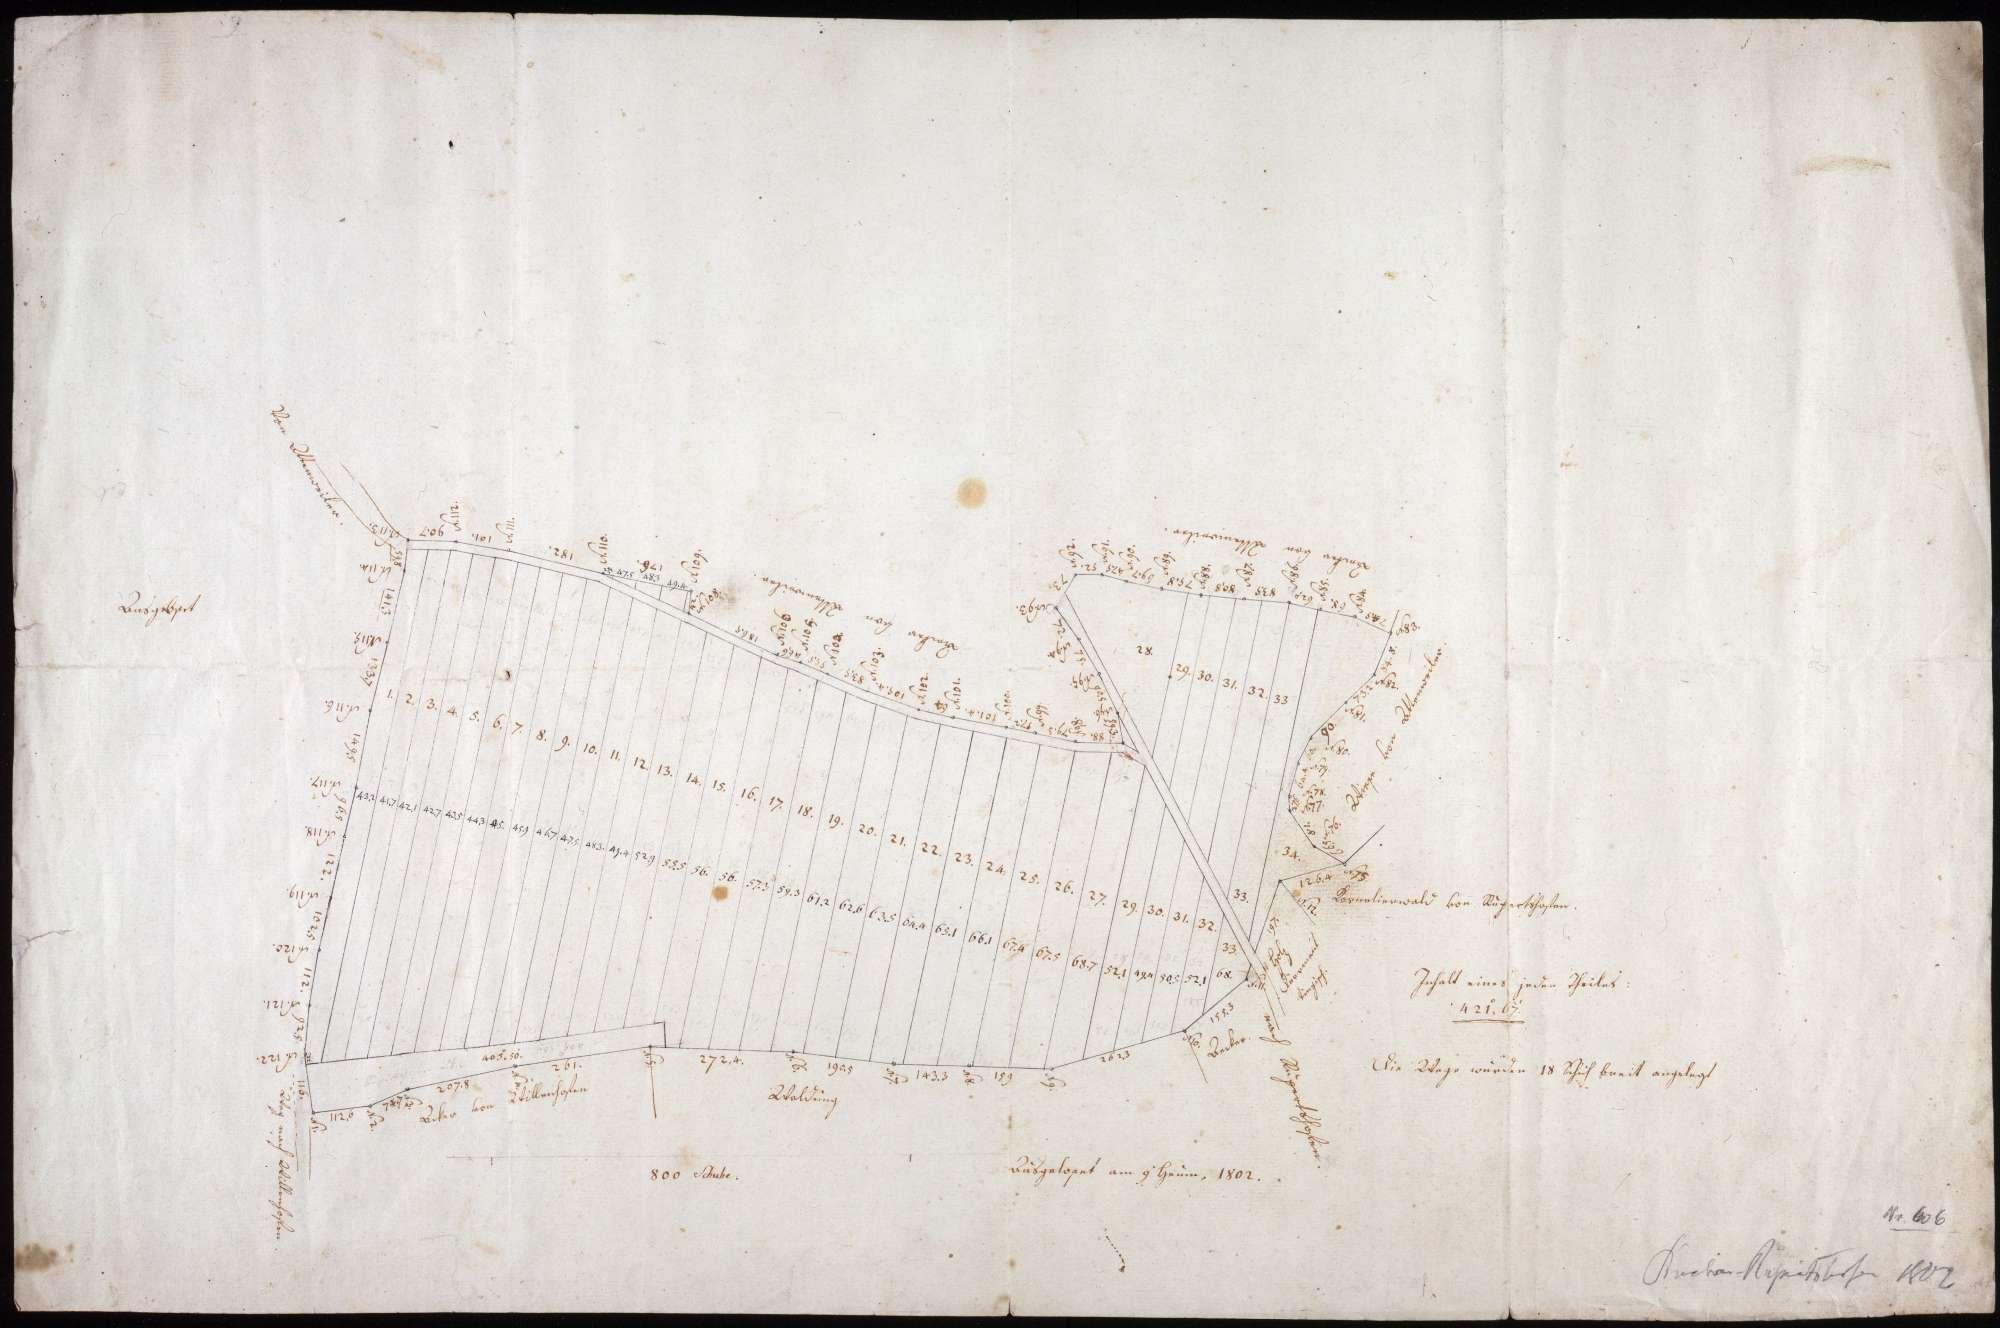 Vermessung und Aufteilung des Kornelierwaldes zu Rupertshofen Maßstab ca. 1 : 1600 handgez., Bild 1